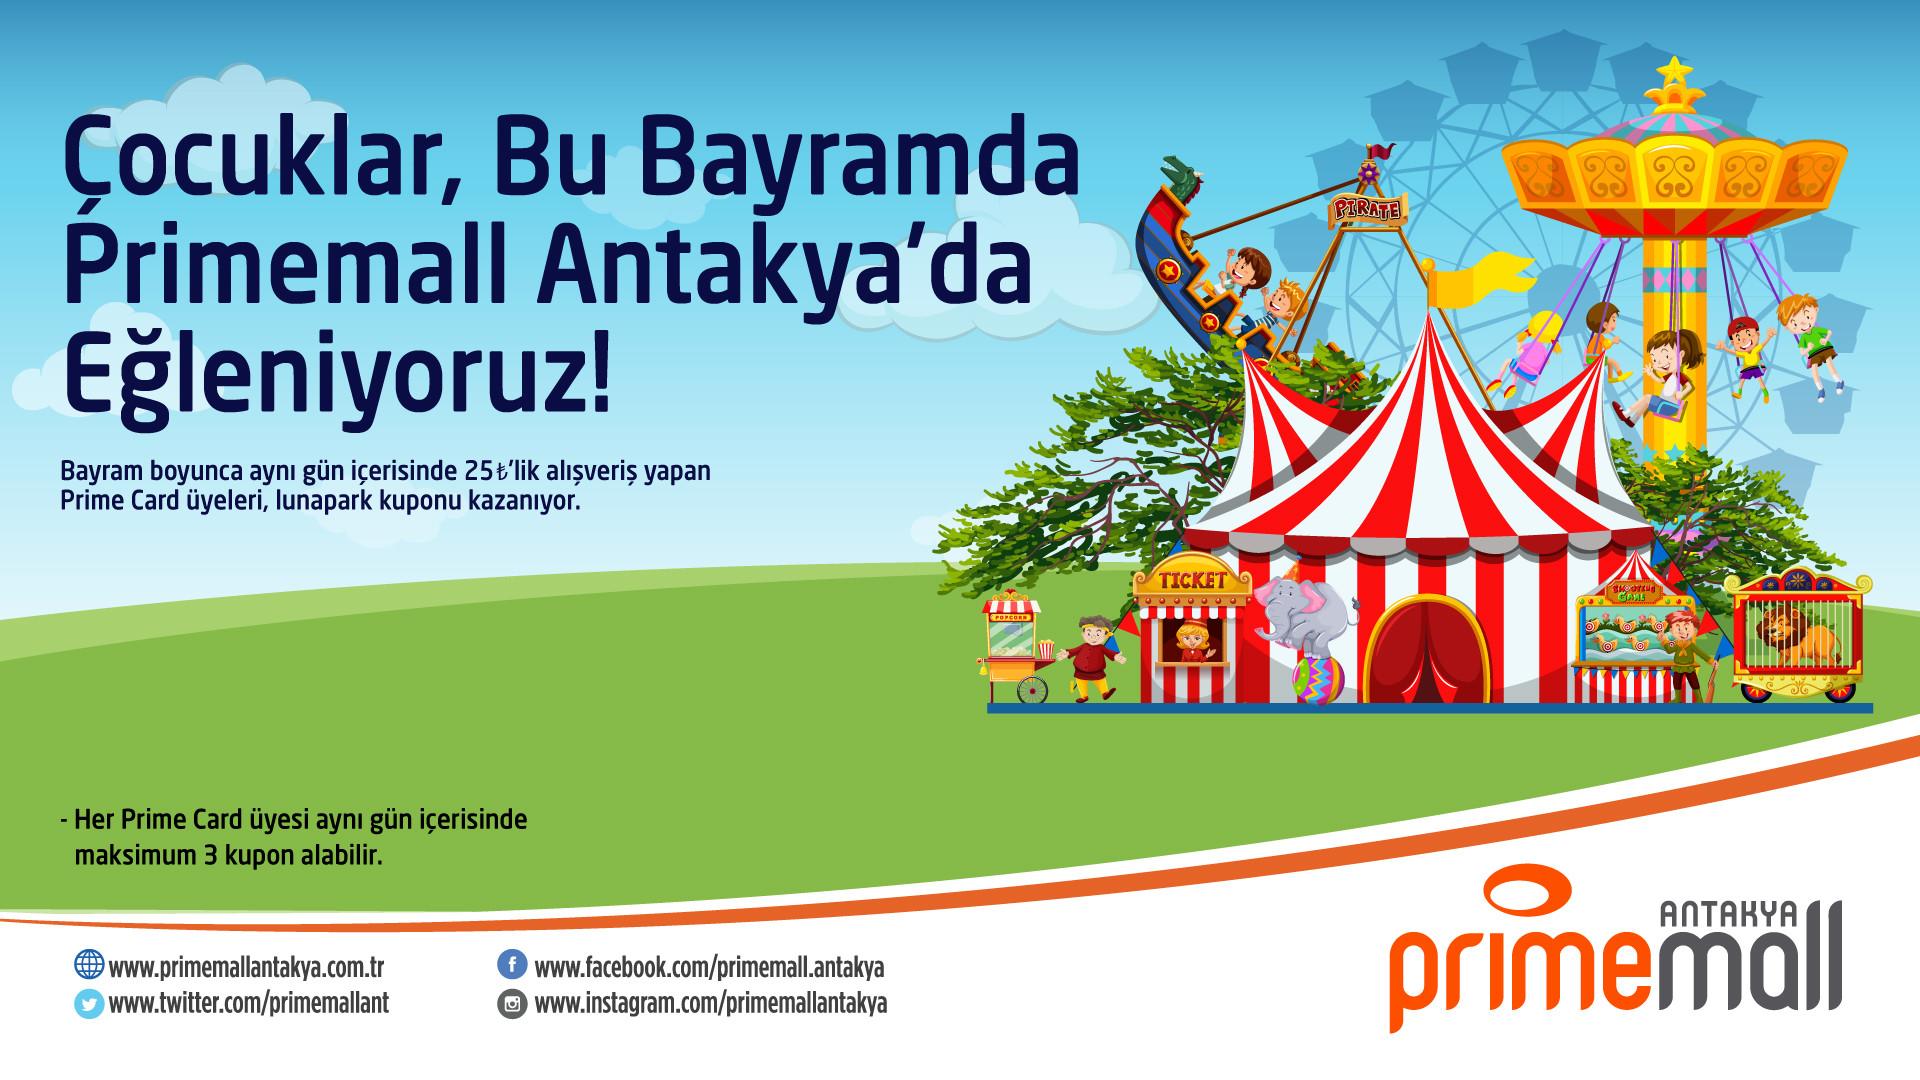 Çocuklar, Bu Bayramda Primemall Antakya'da Eğleniyoruz!